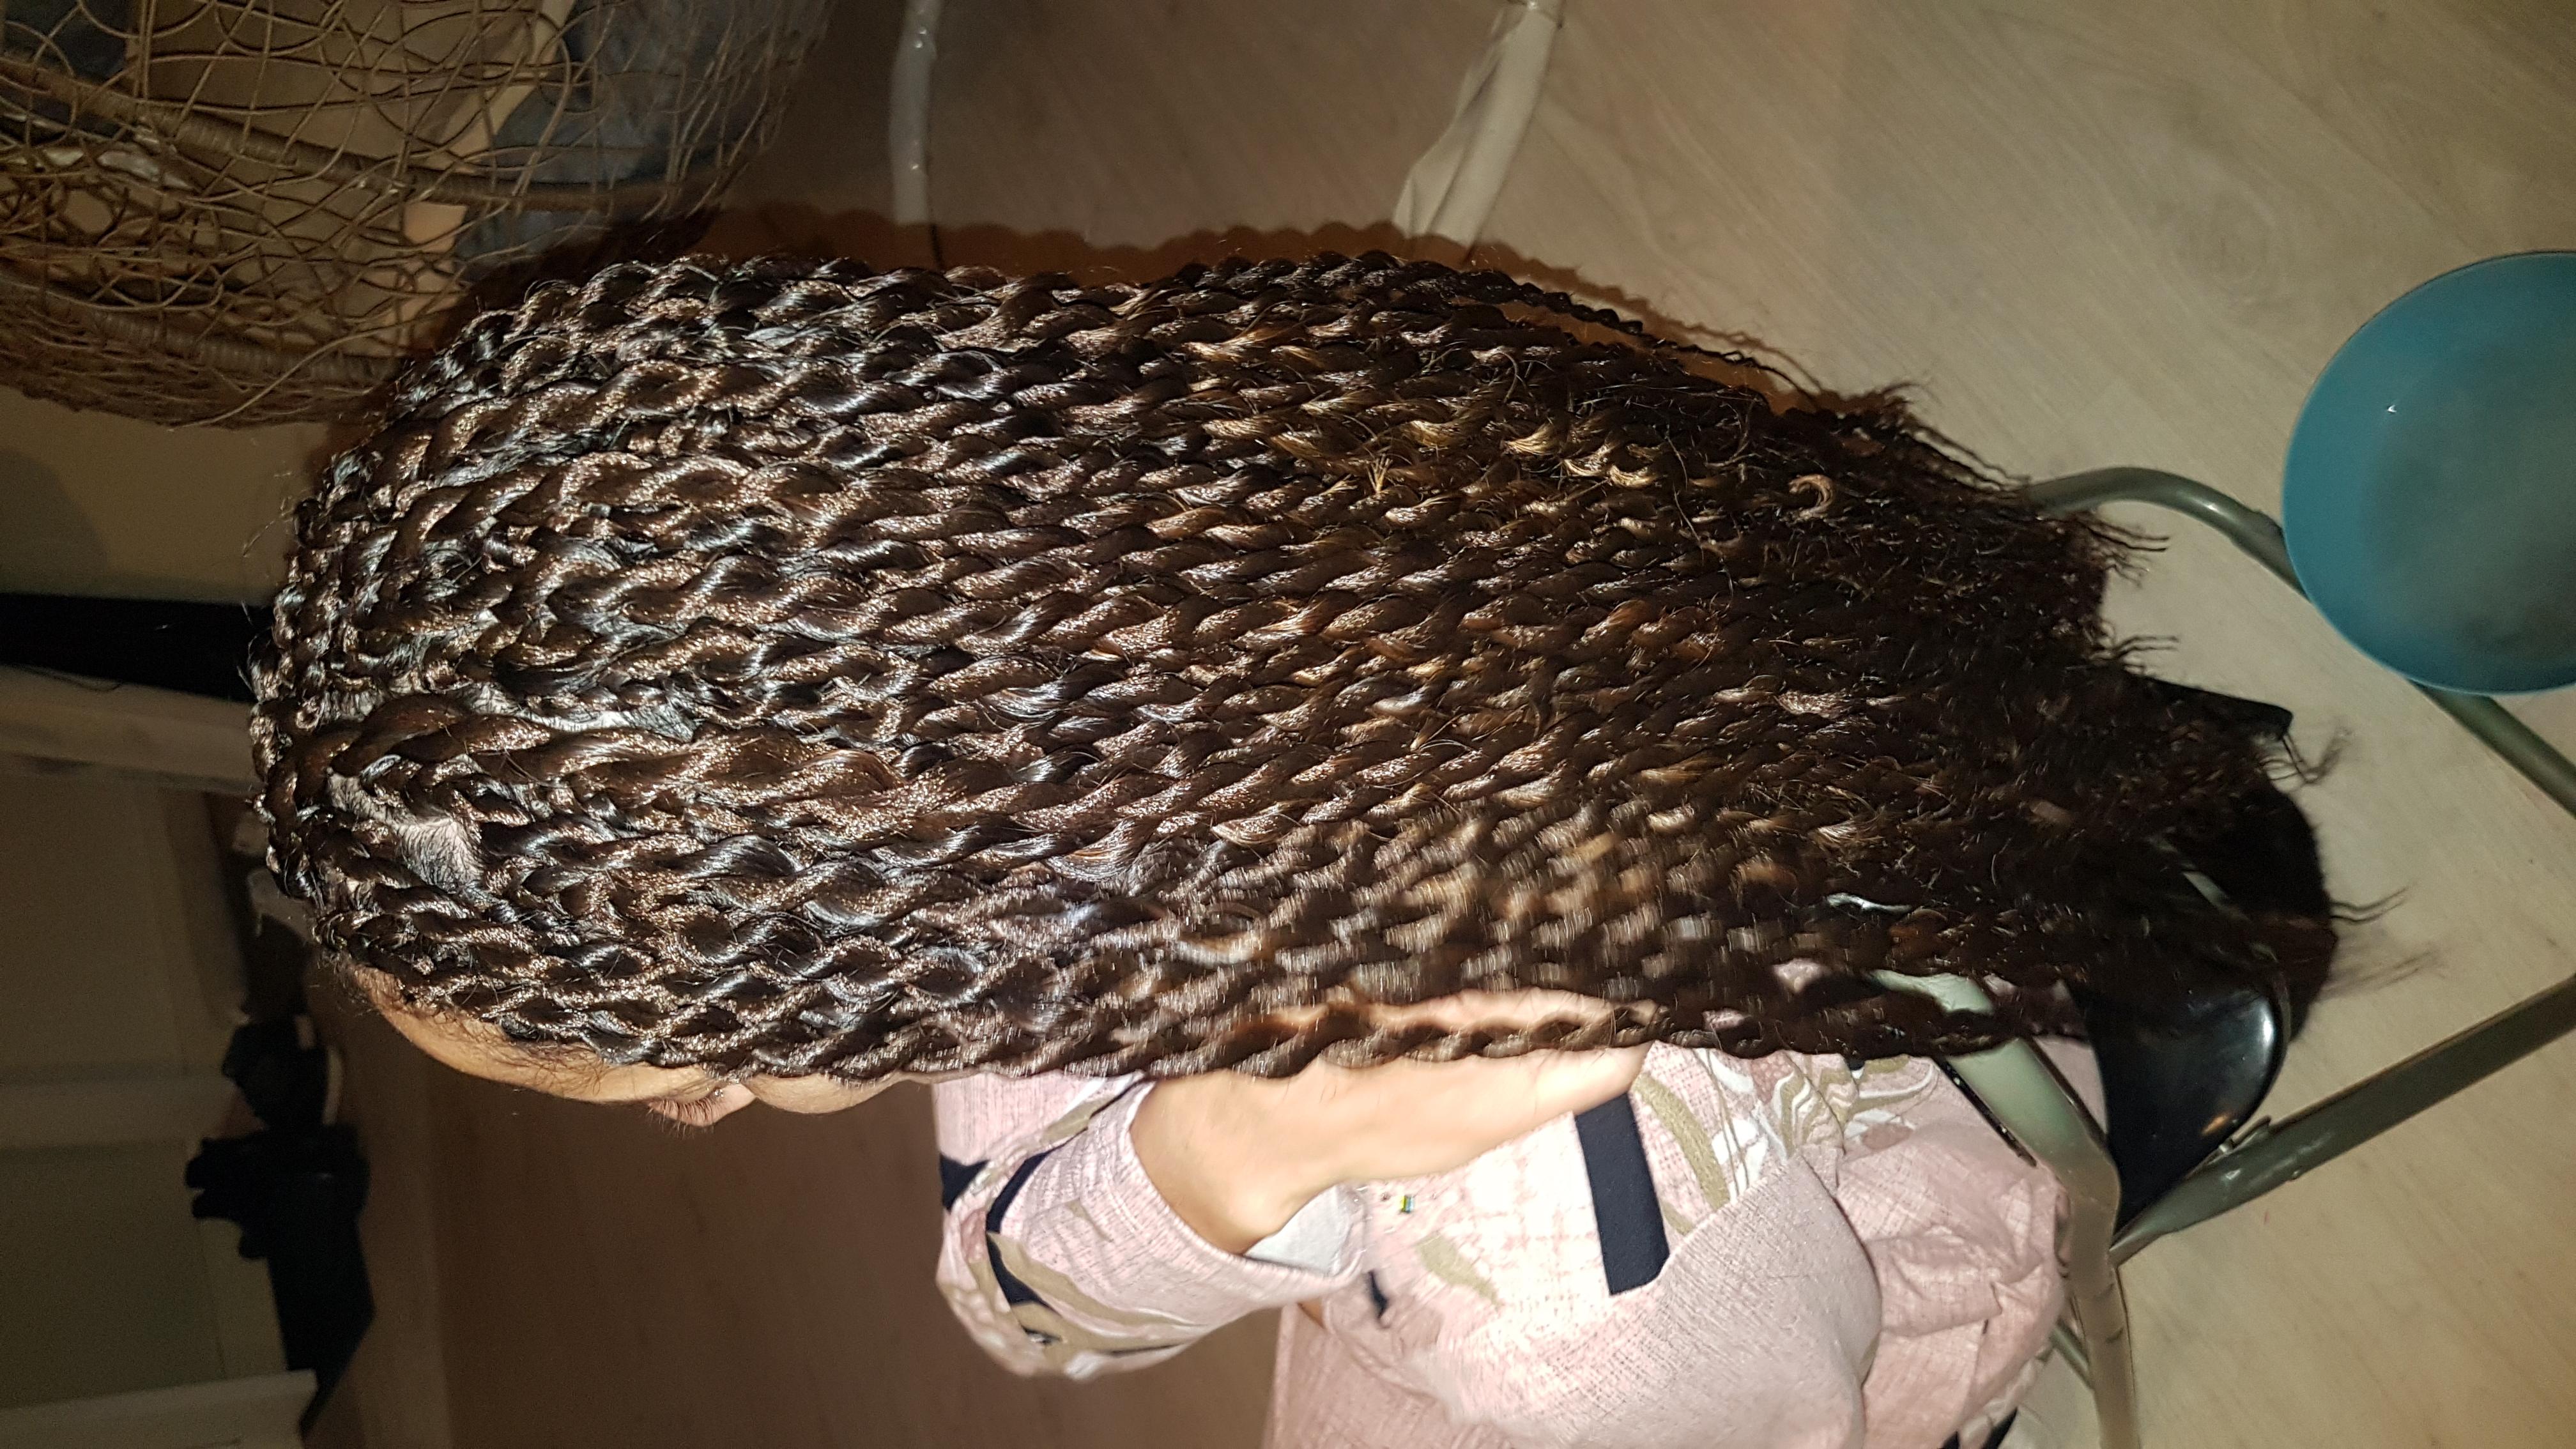 salon de coiffure afro tresse tresses box braids crochet braids vanilles tissages paris 75 77 78 91 92 93 94 95 GALMDMNS